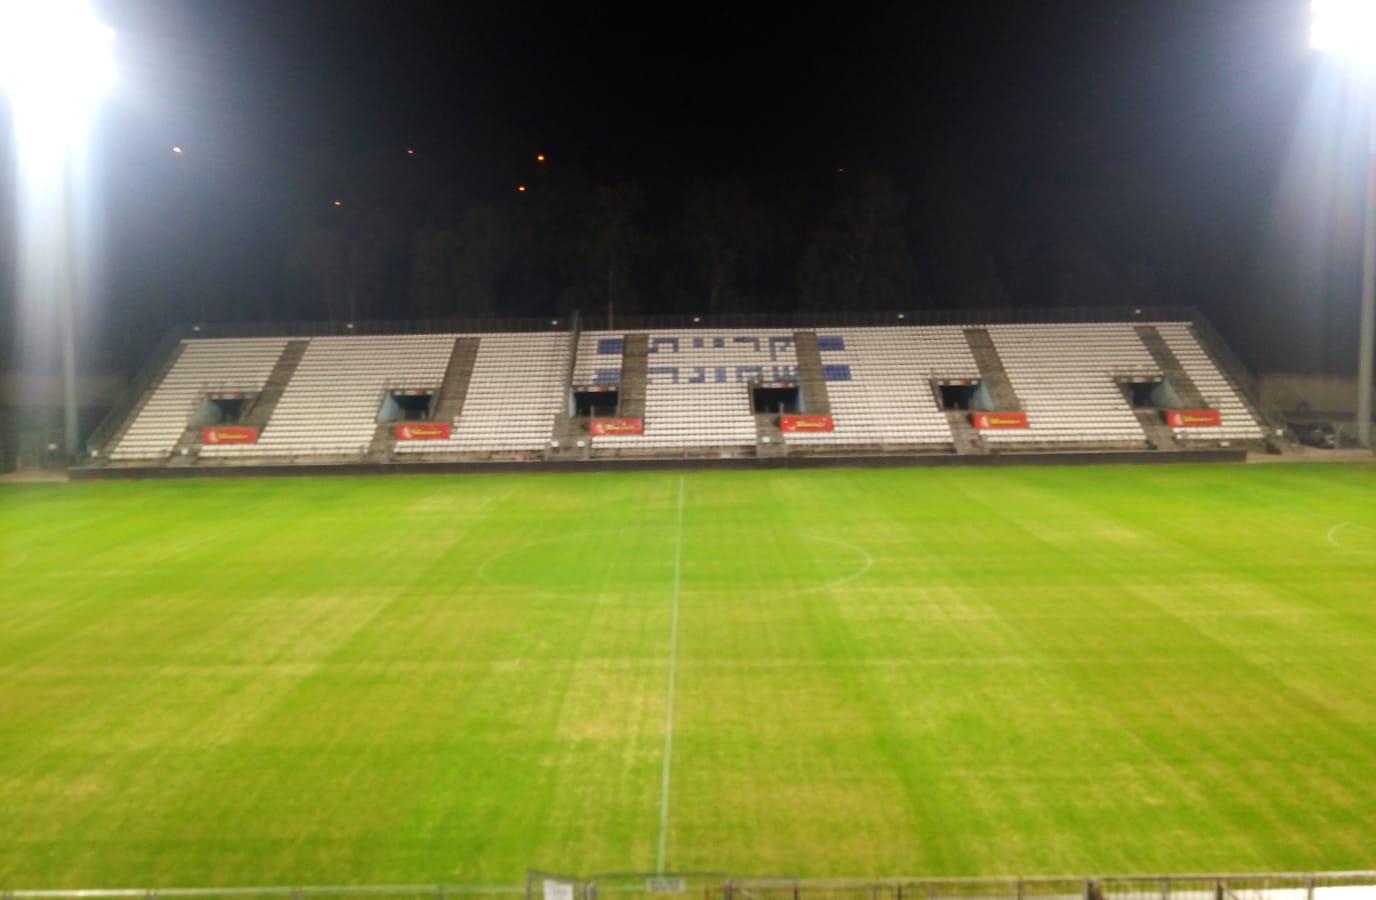 מבט על האצטדיון מעמדת הטלויזיה